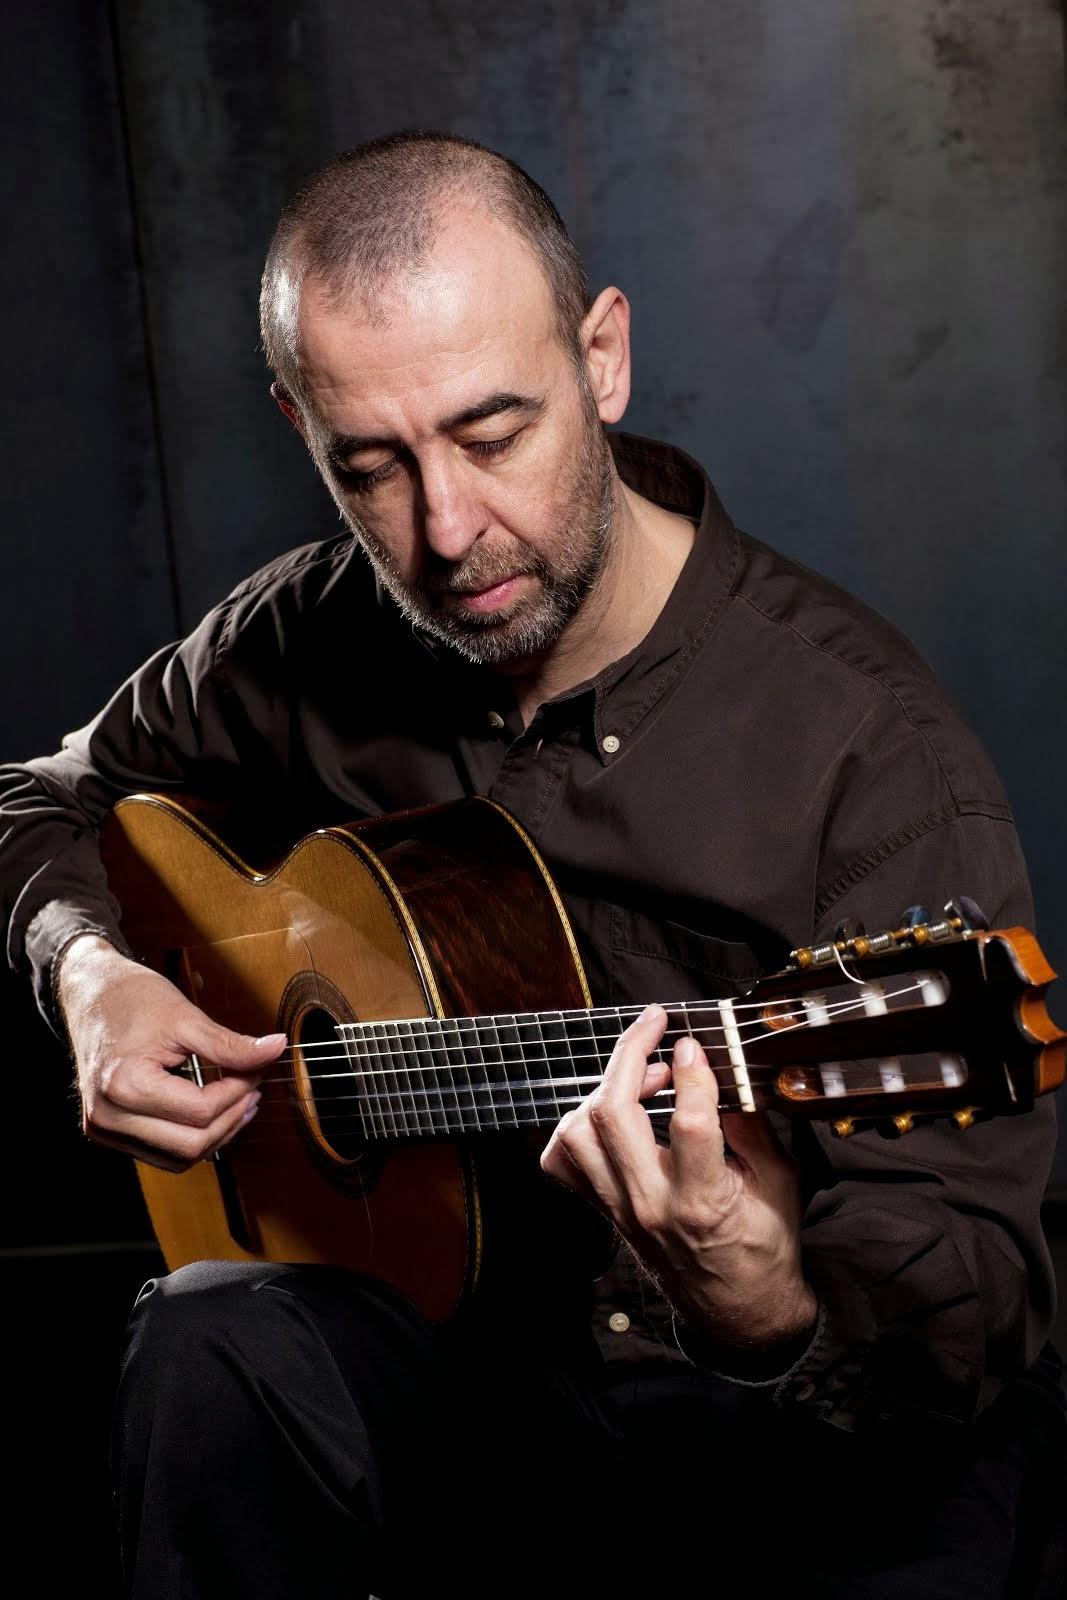 Un compas flamenco por Oscar Herrero